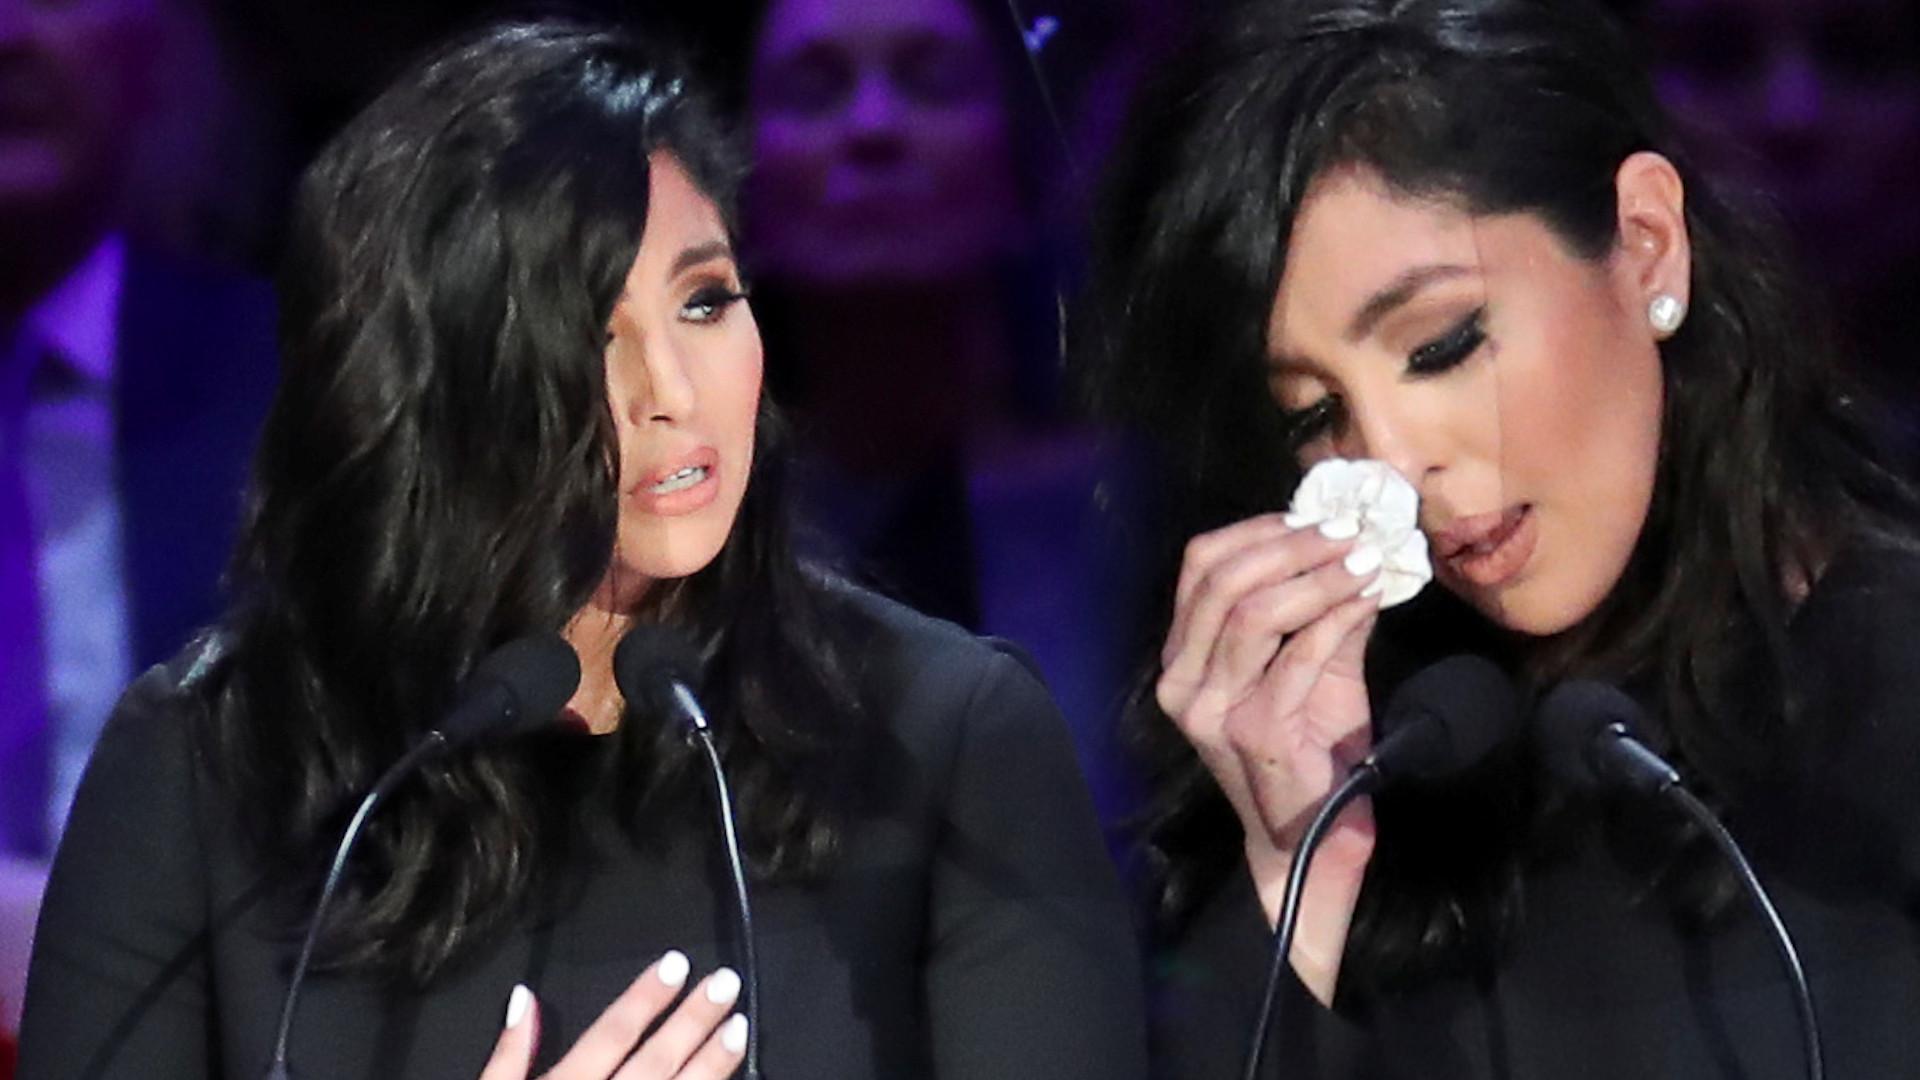 Pogrzeb Kobe Bryanta – Vanessa wygłosiła wzruszające przemówienie. Pozwała firmę do sądu